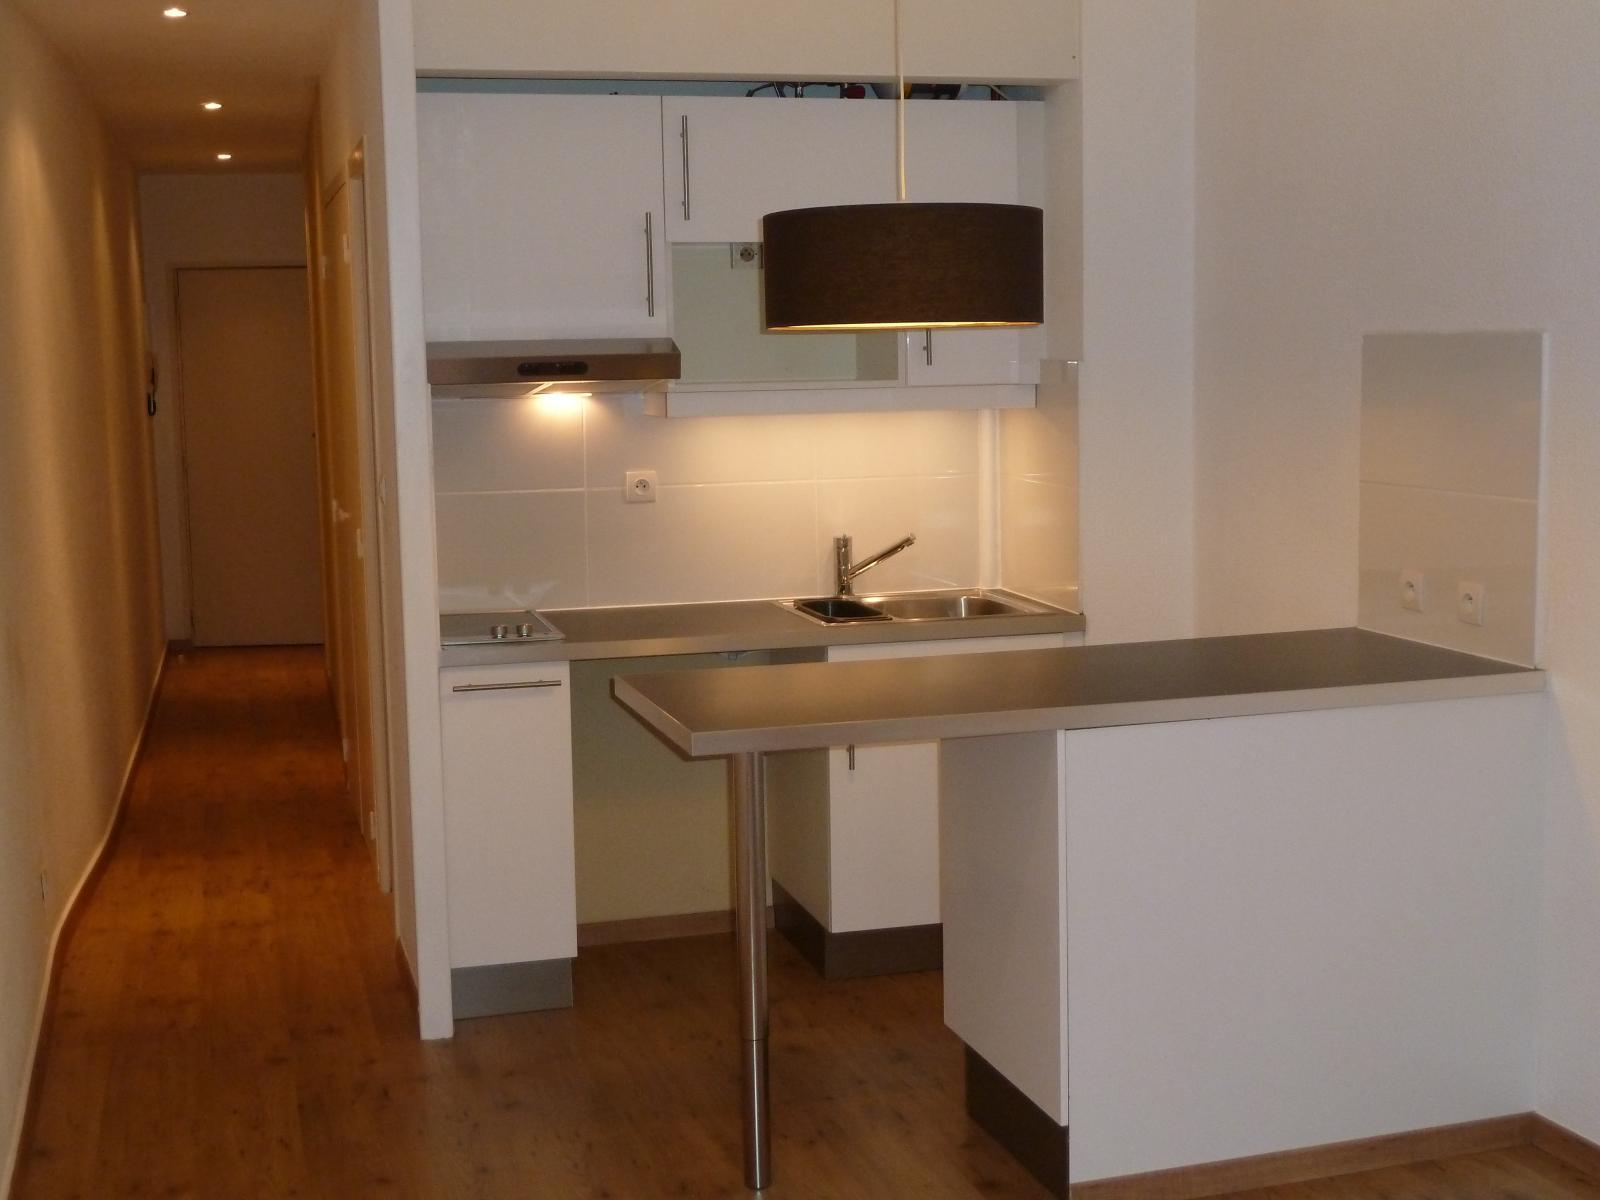 Rdrg immo bordeaux a louer bordeaux mus e d 39 aquitaine t2 for Location appartement bordeaux et alentours